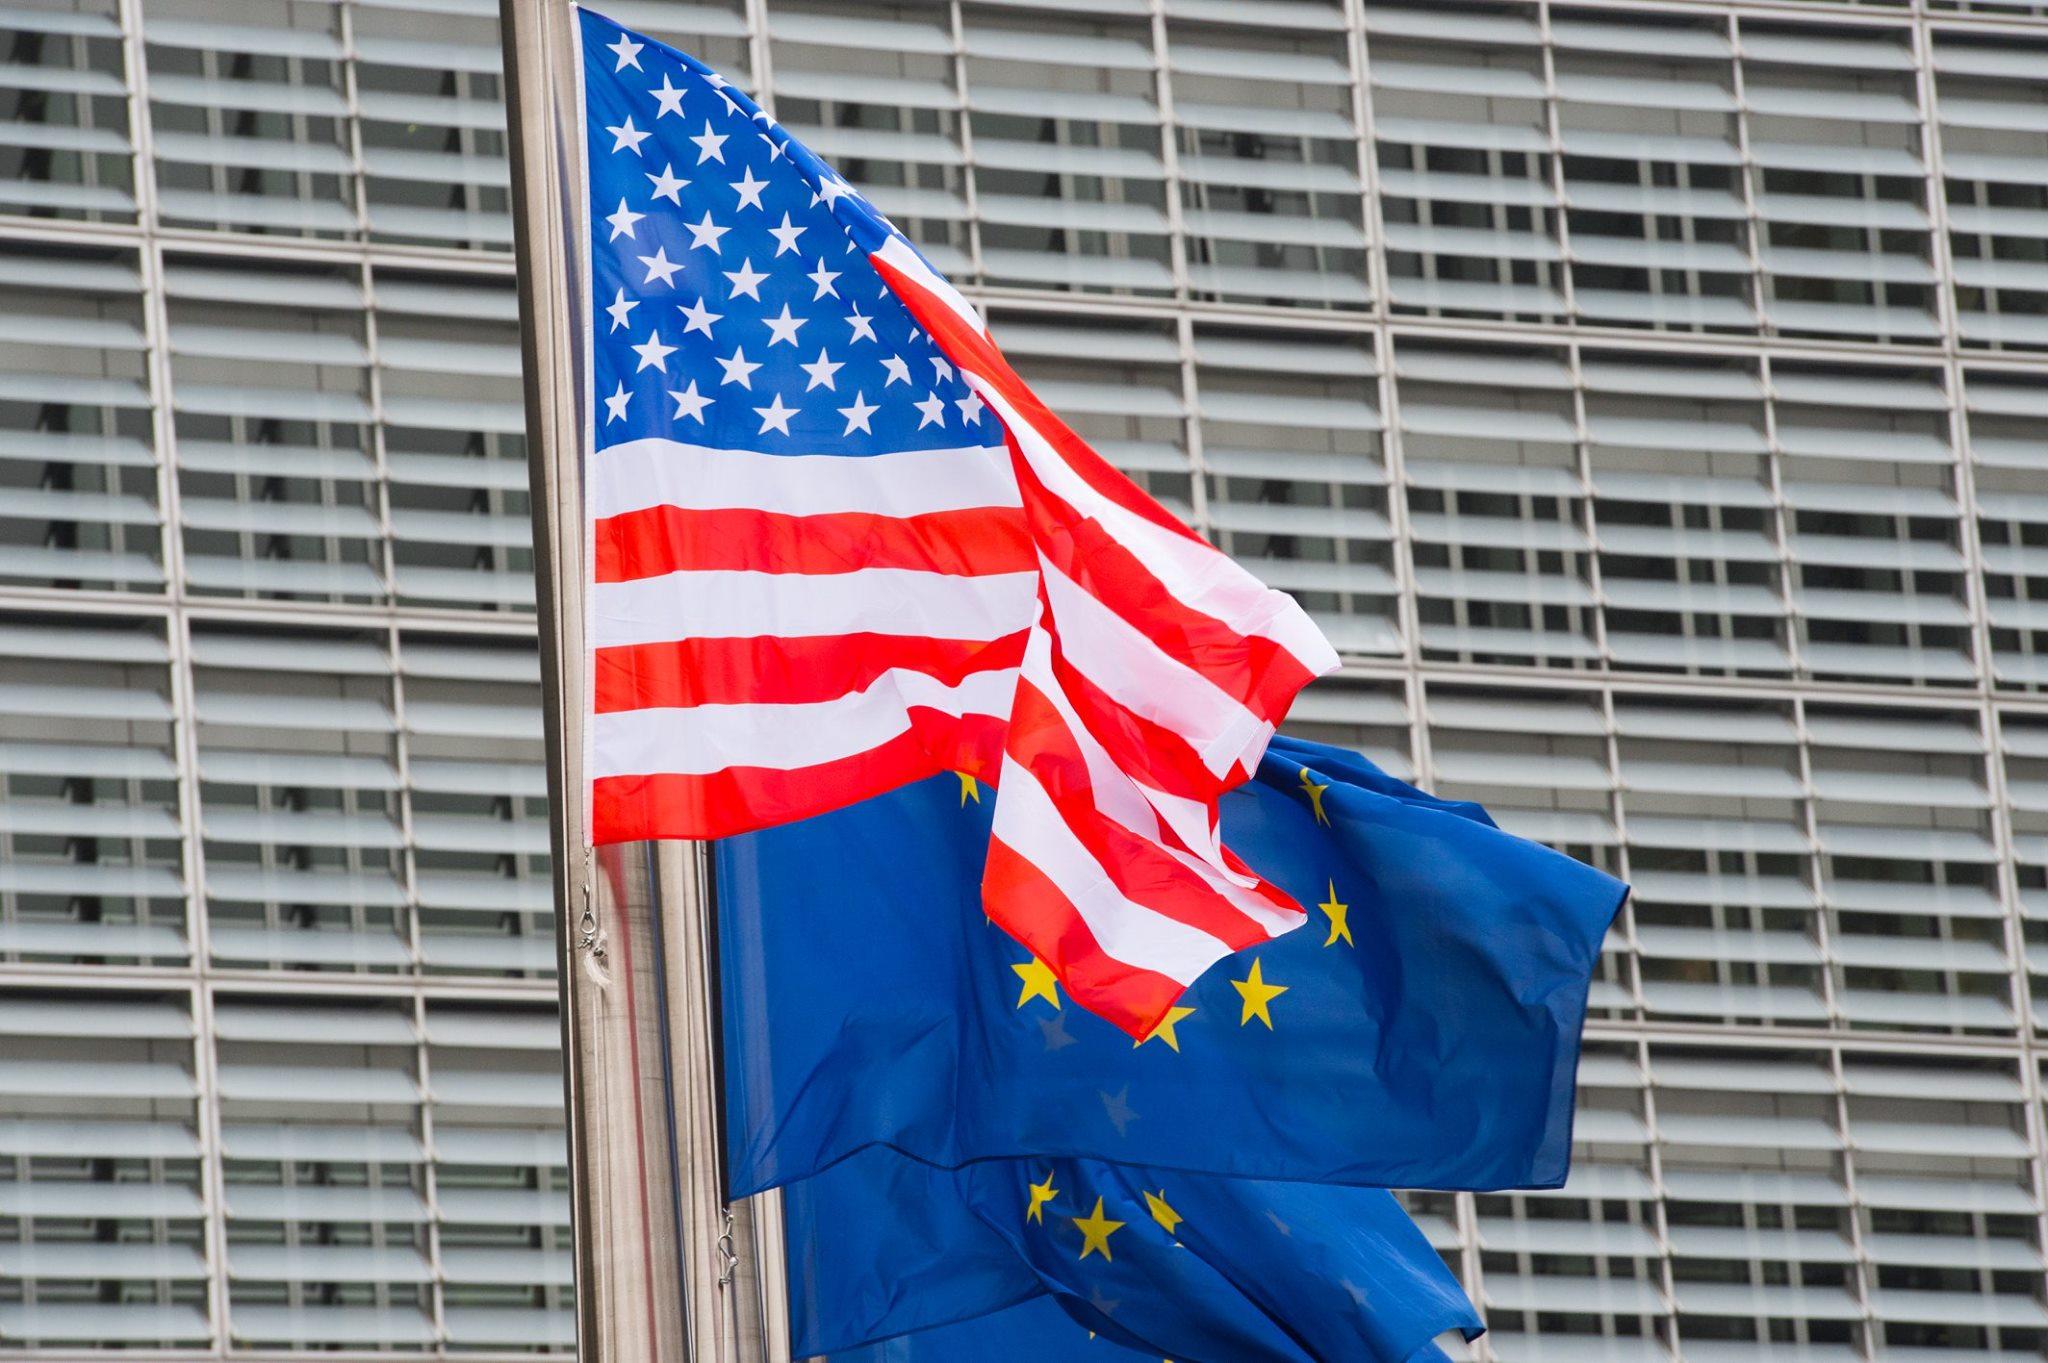 【劉大年觀點】中歐投資協定牽動美歐關係